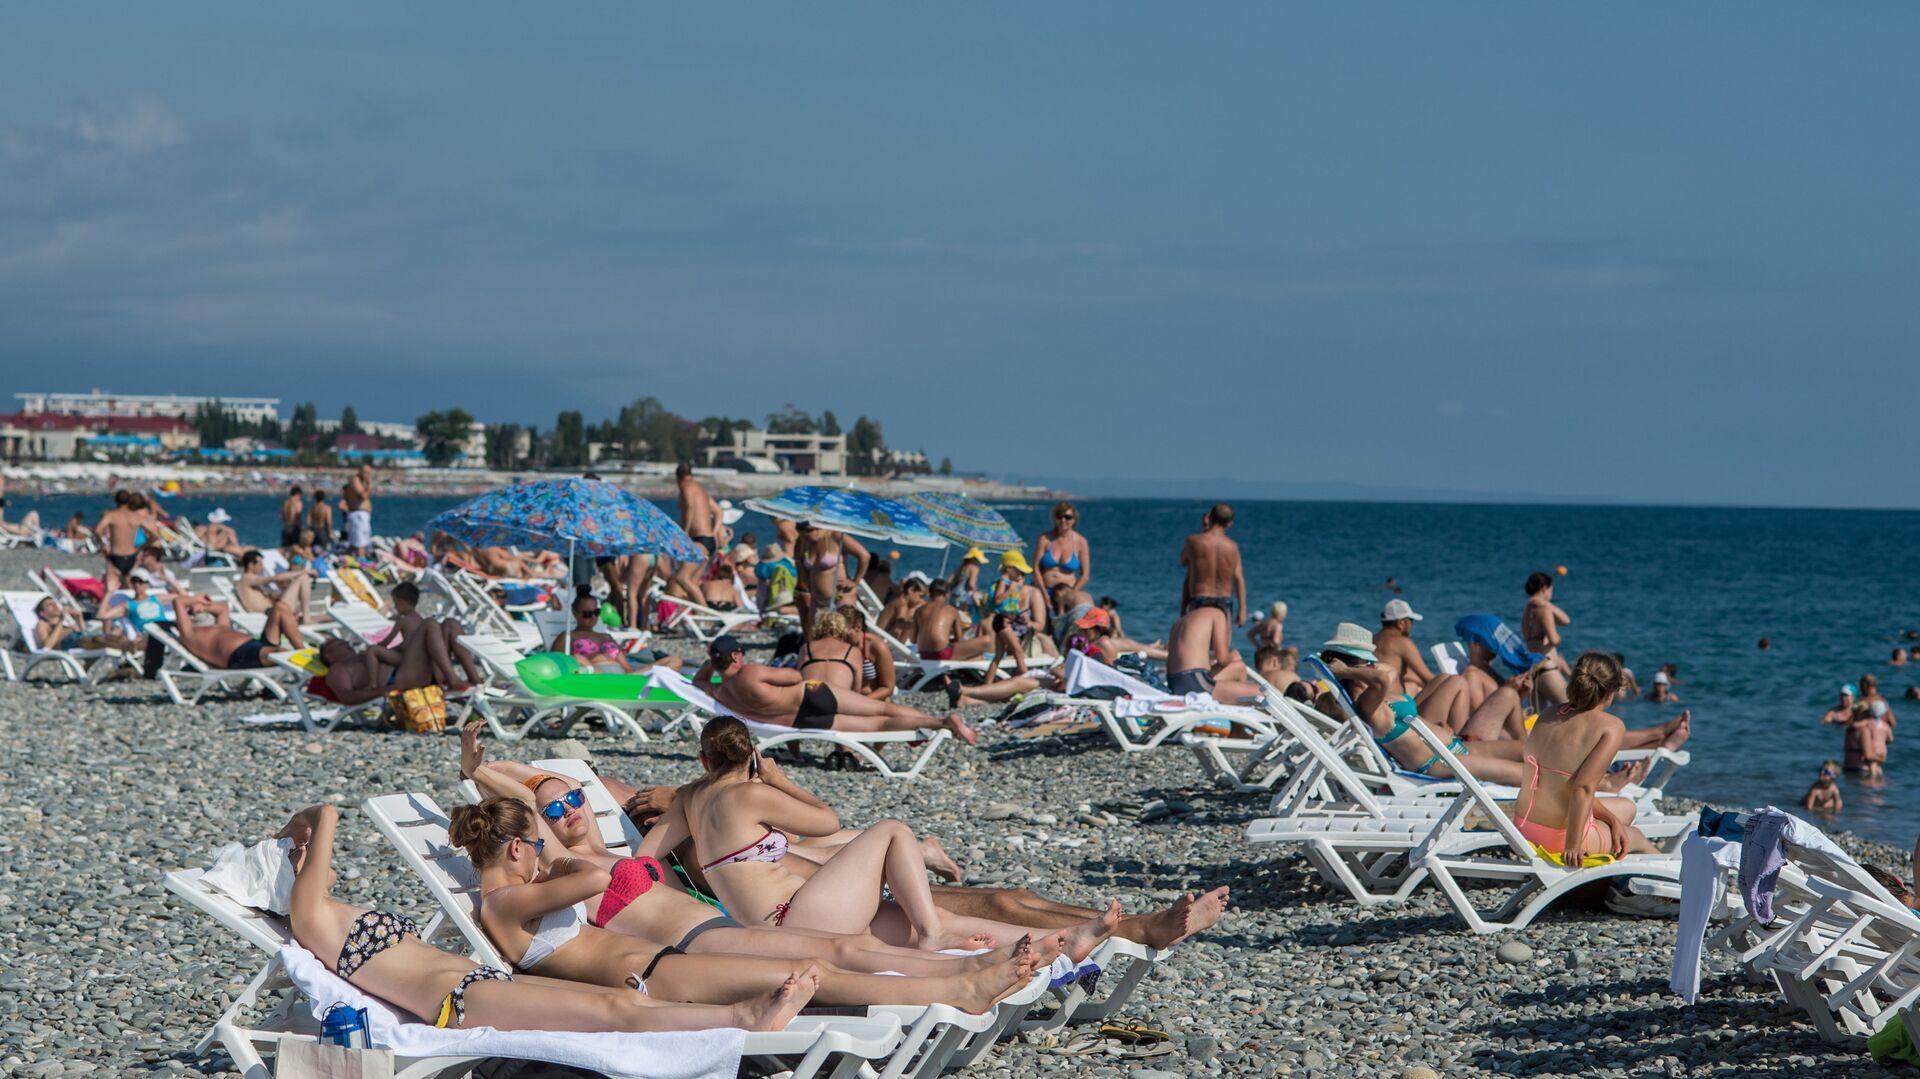 Отдыхающие на пляже в Сочи - РИА Новости, 1920, 05.08.2021